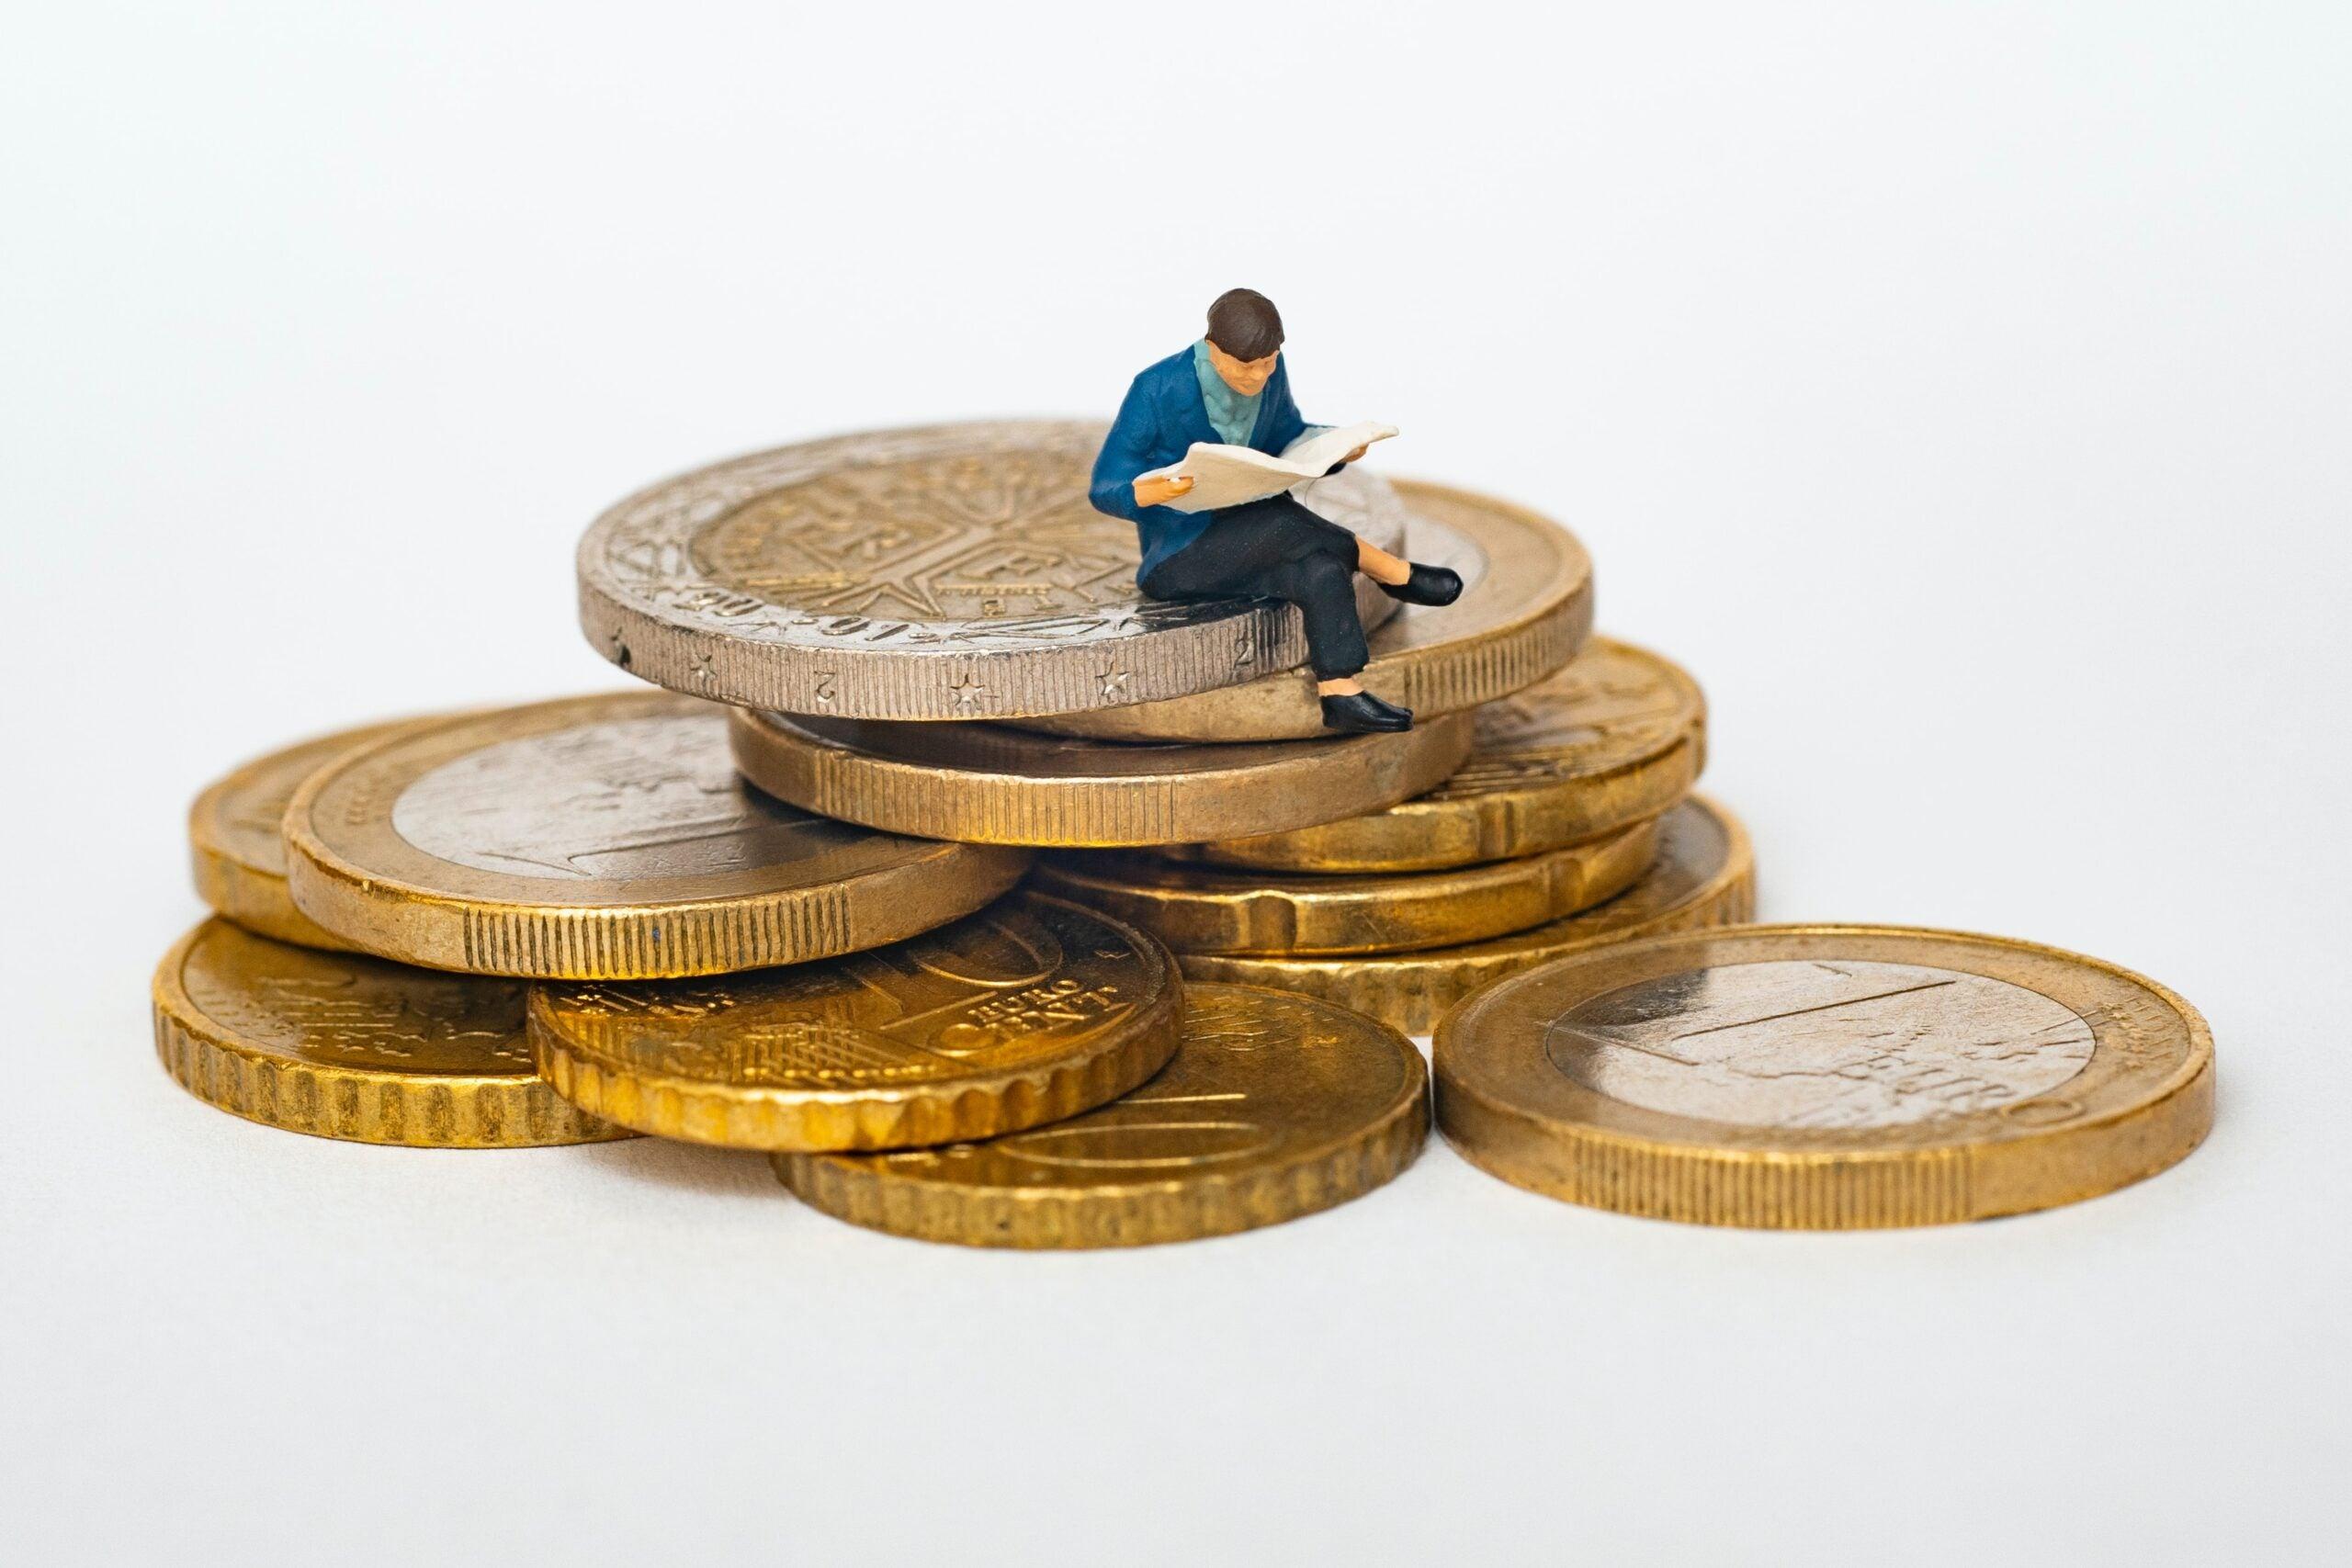 ¿Qué sabemos del desempeño financiero de las PyMEs de transporte?